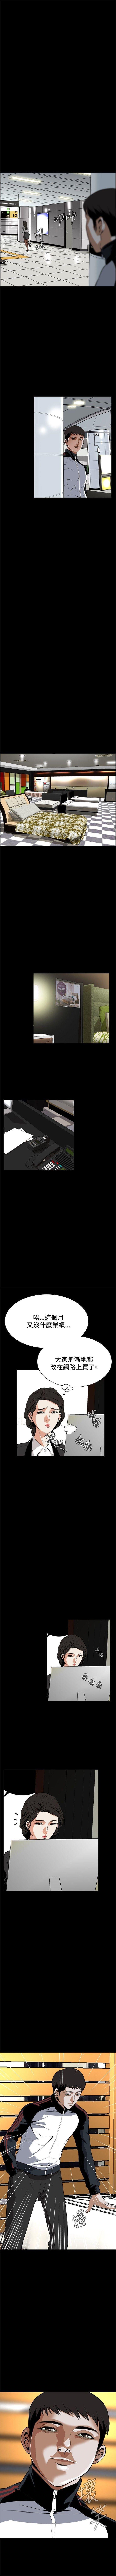 偷窥  0-10 中文翻译 (更新中) 47